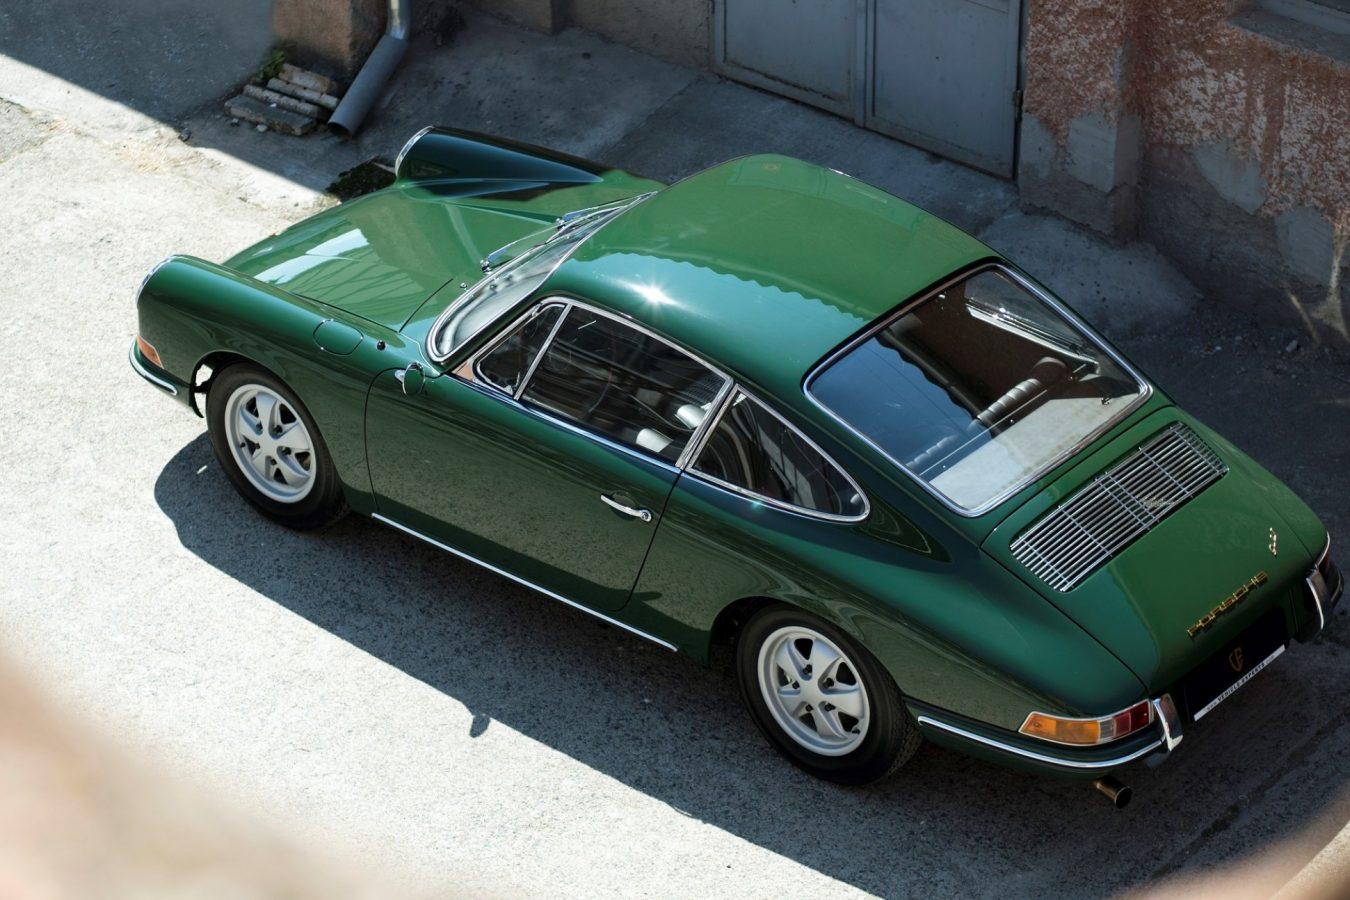 Porsche 911 SWB in Grün von oben